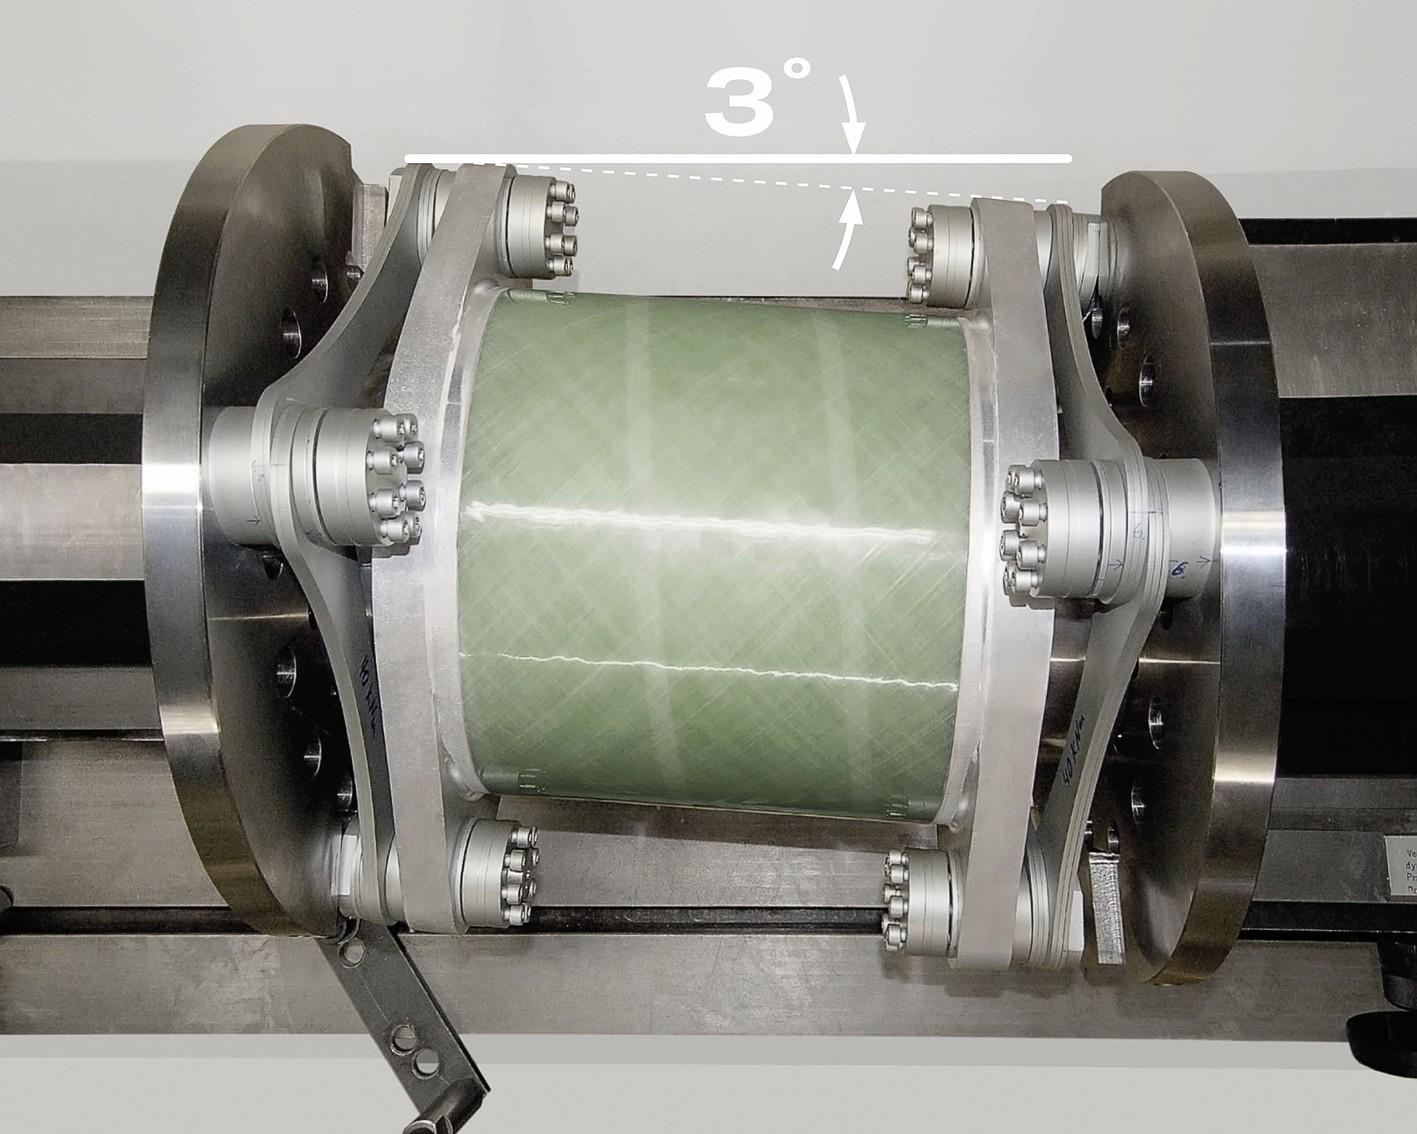 Bild 4 Radex-N 220 für 3-MW-Anlage im dynamischen Dauerversuch mit 3° Verlagerung und mit bis zu 100000000 Lastwechseln. Bild: KTR